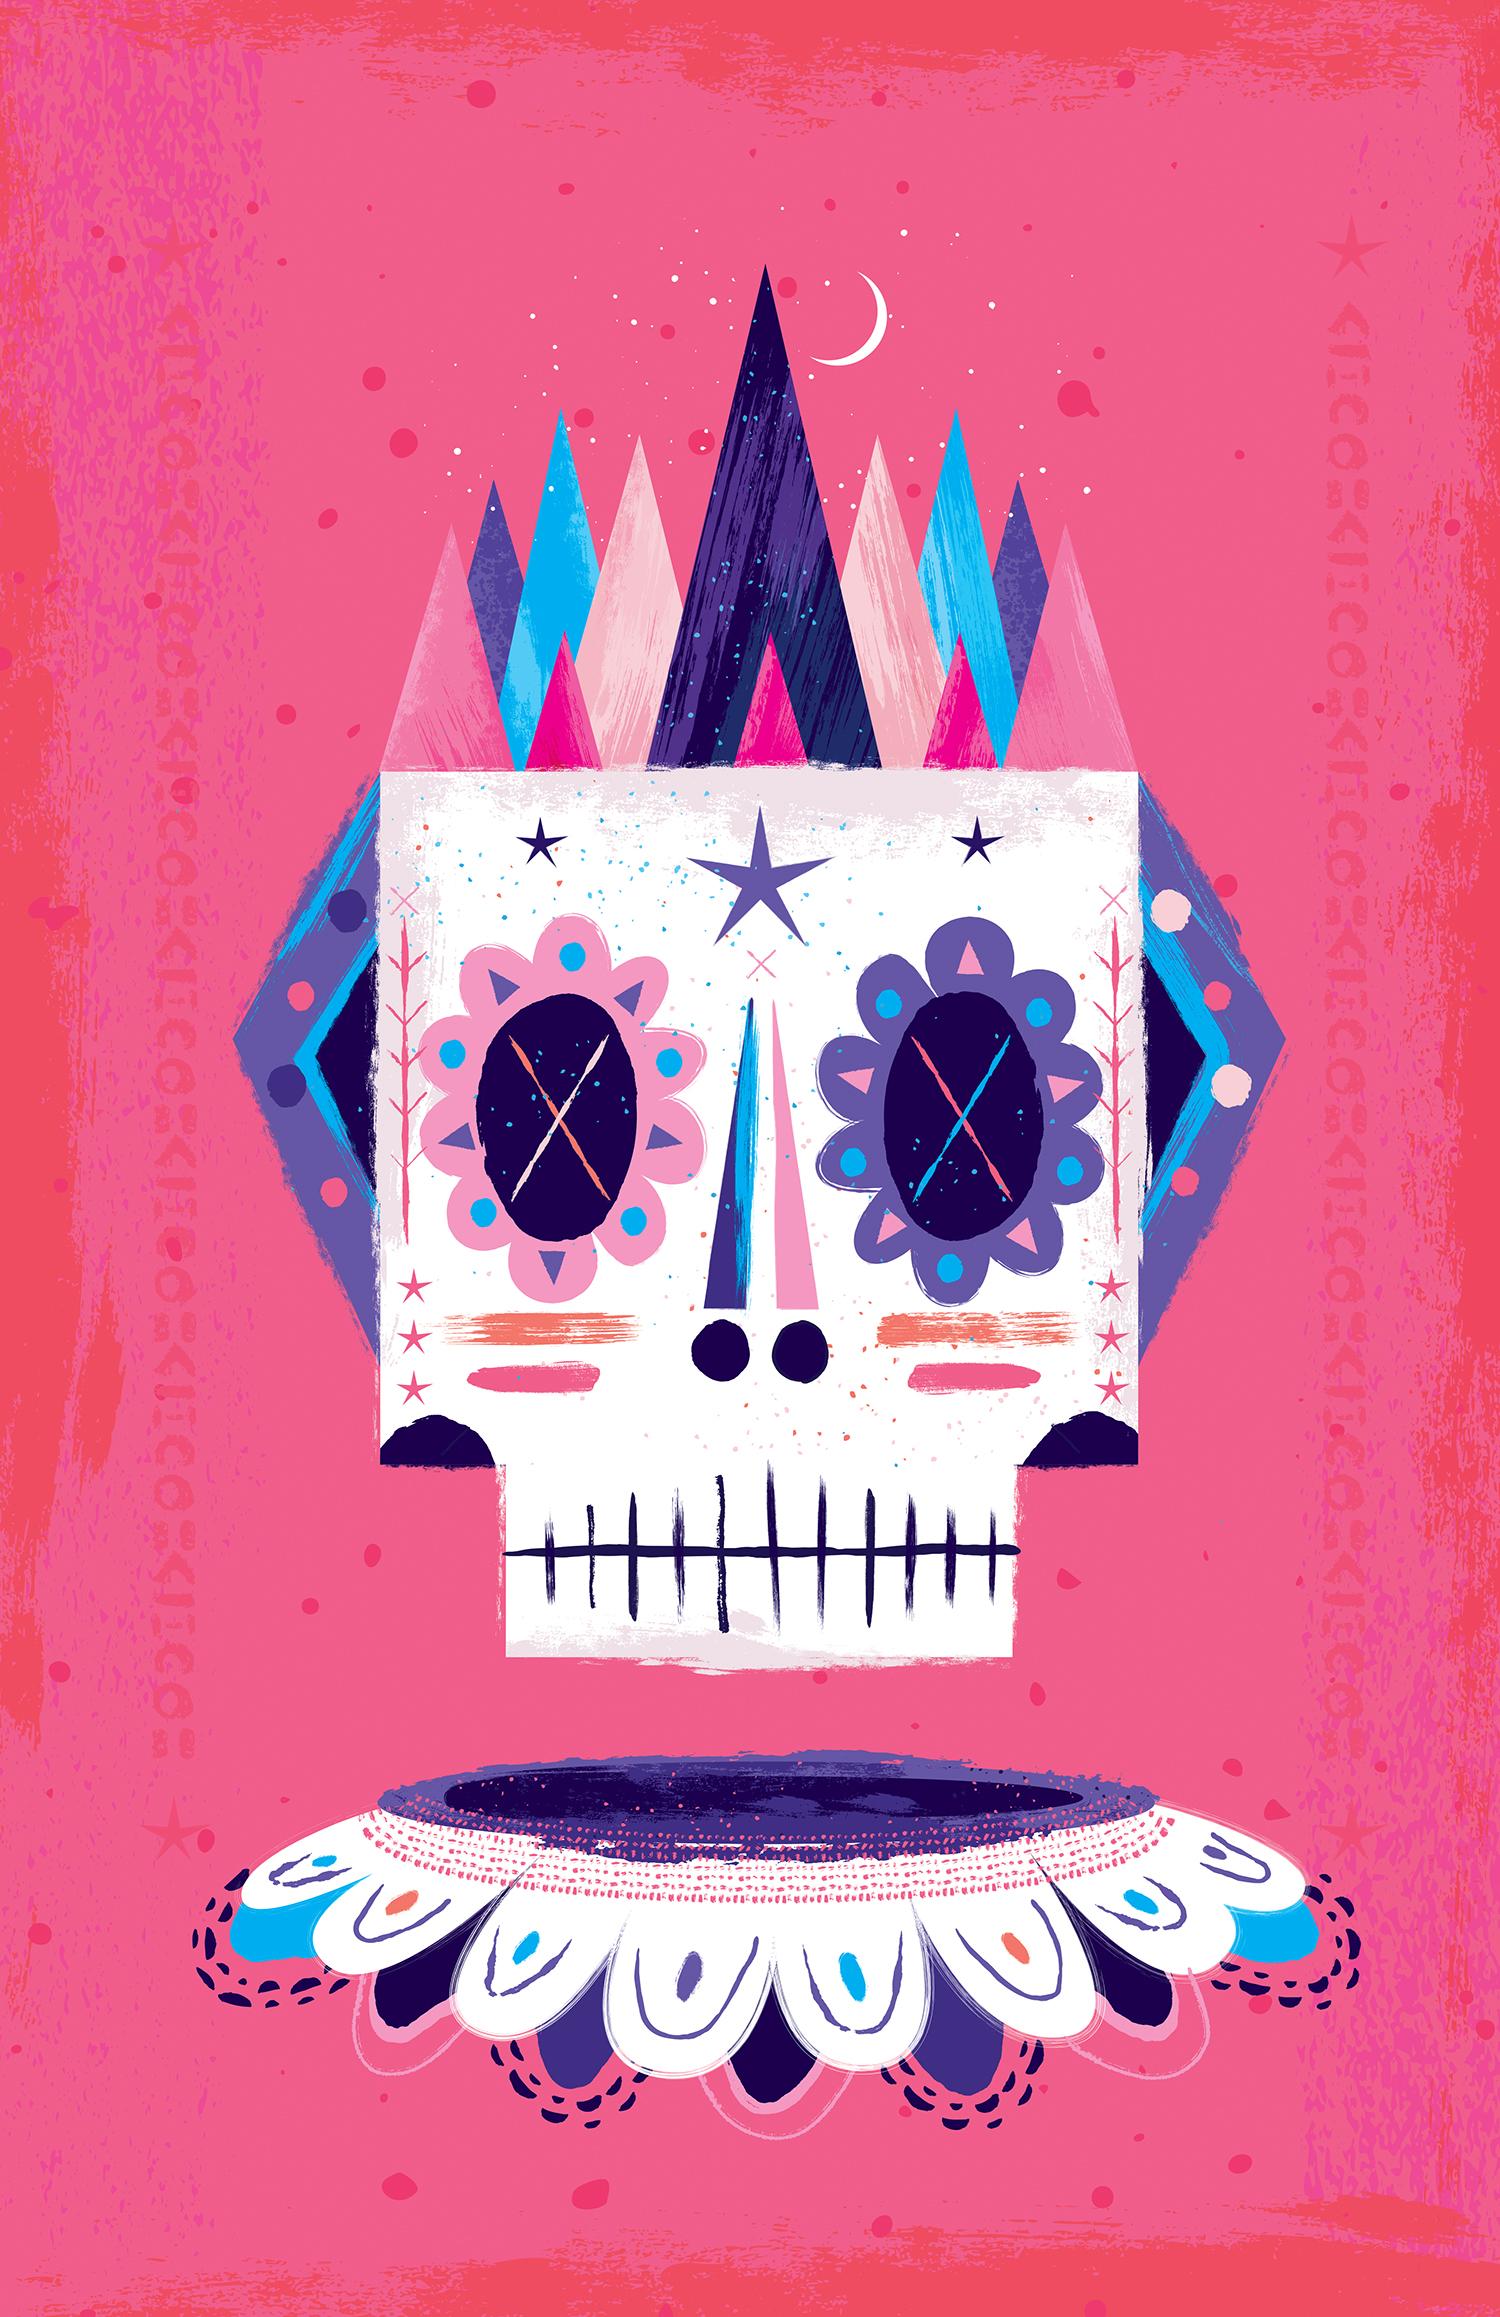 Skull_Kingdom.jpg